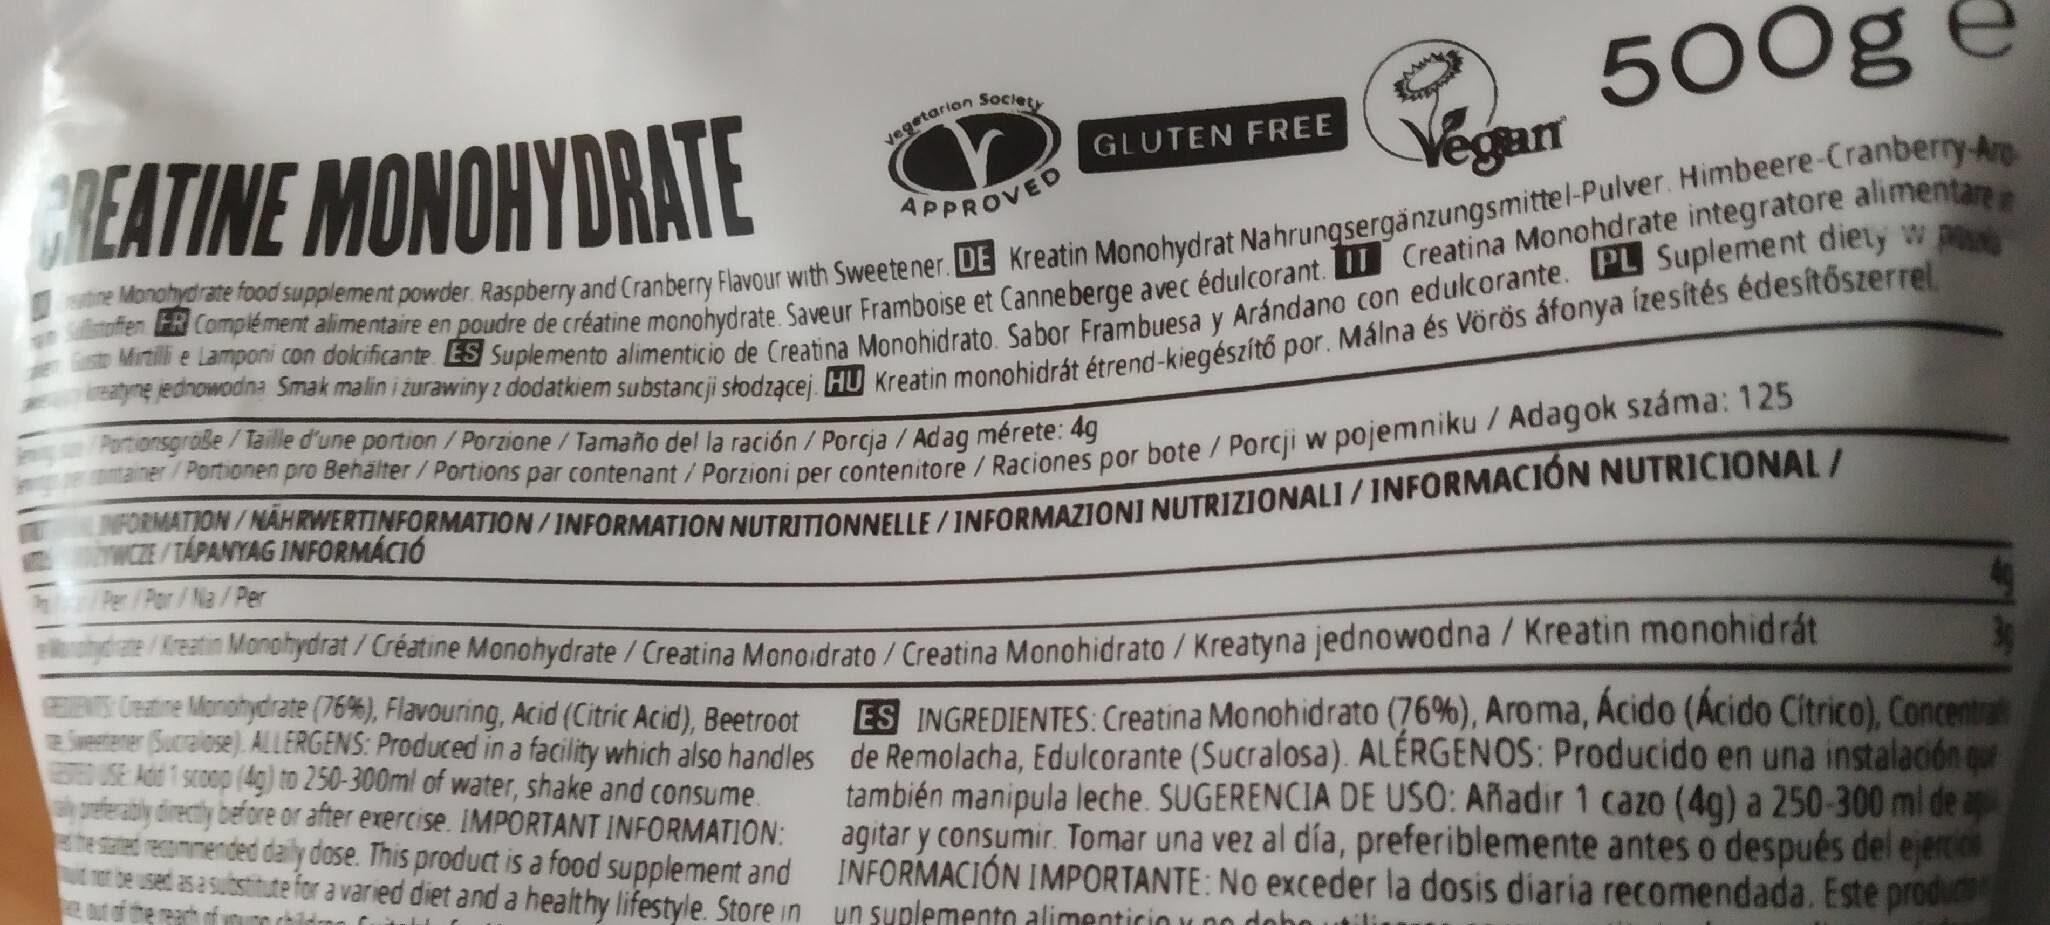 Creatina monohidrato - Información nutricional - es